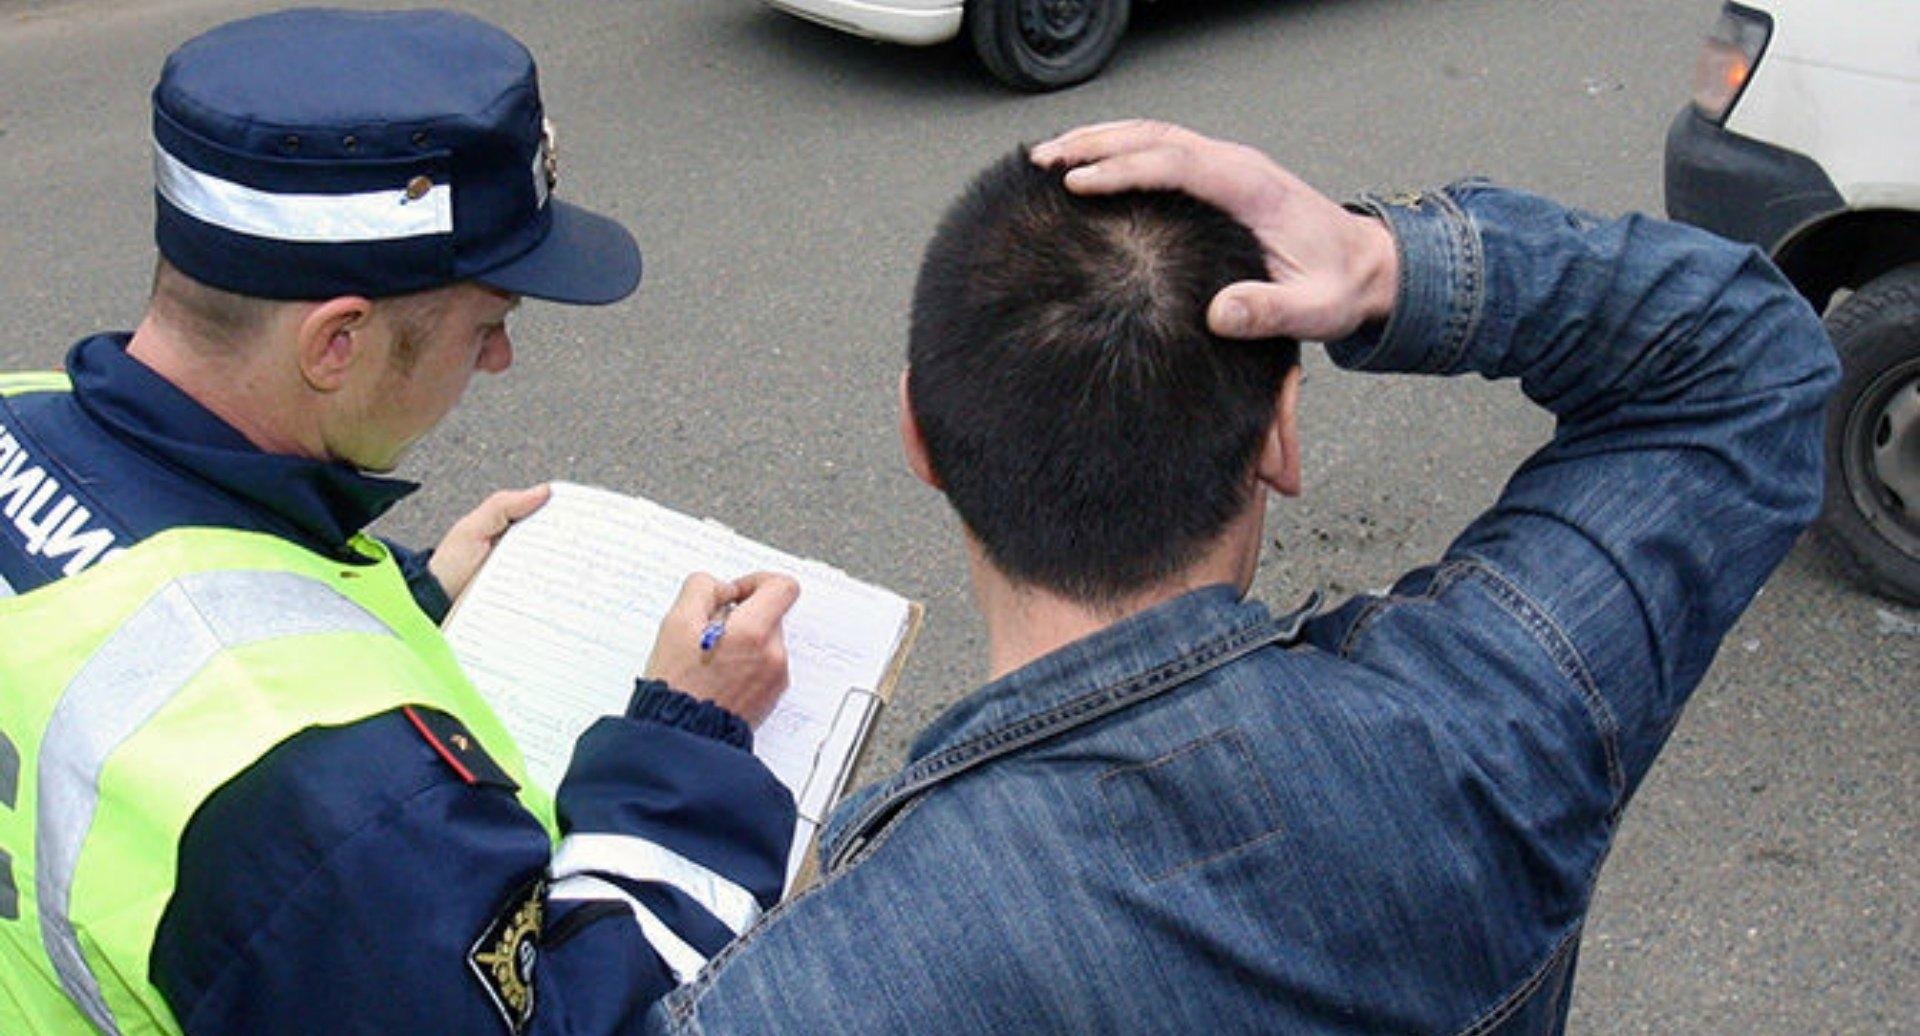 Виновника аварии оштрафовали на полторы тысячи рублей